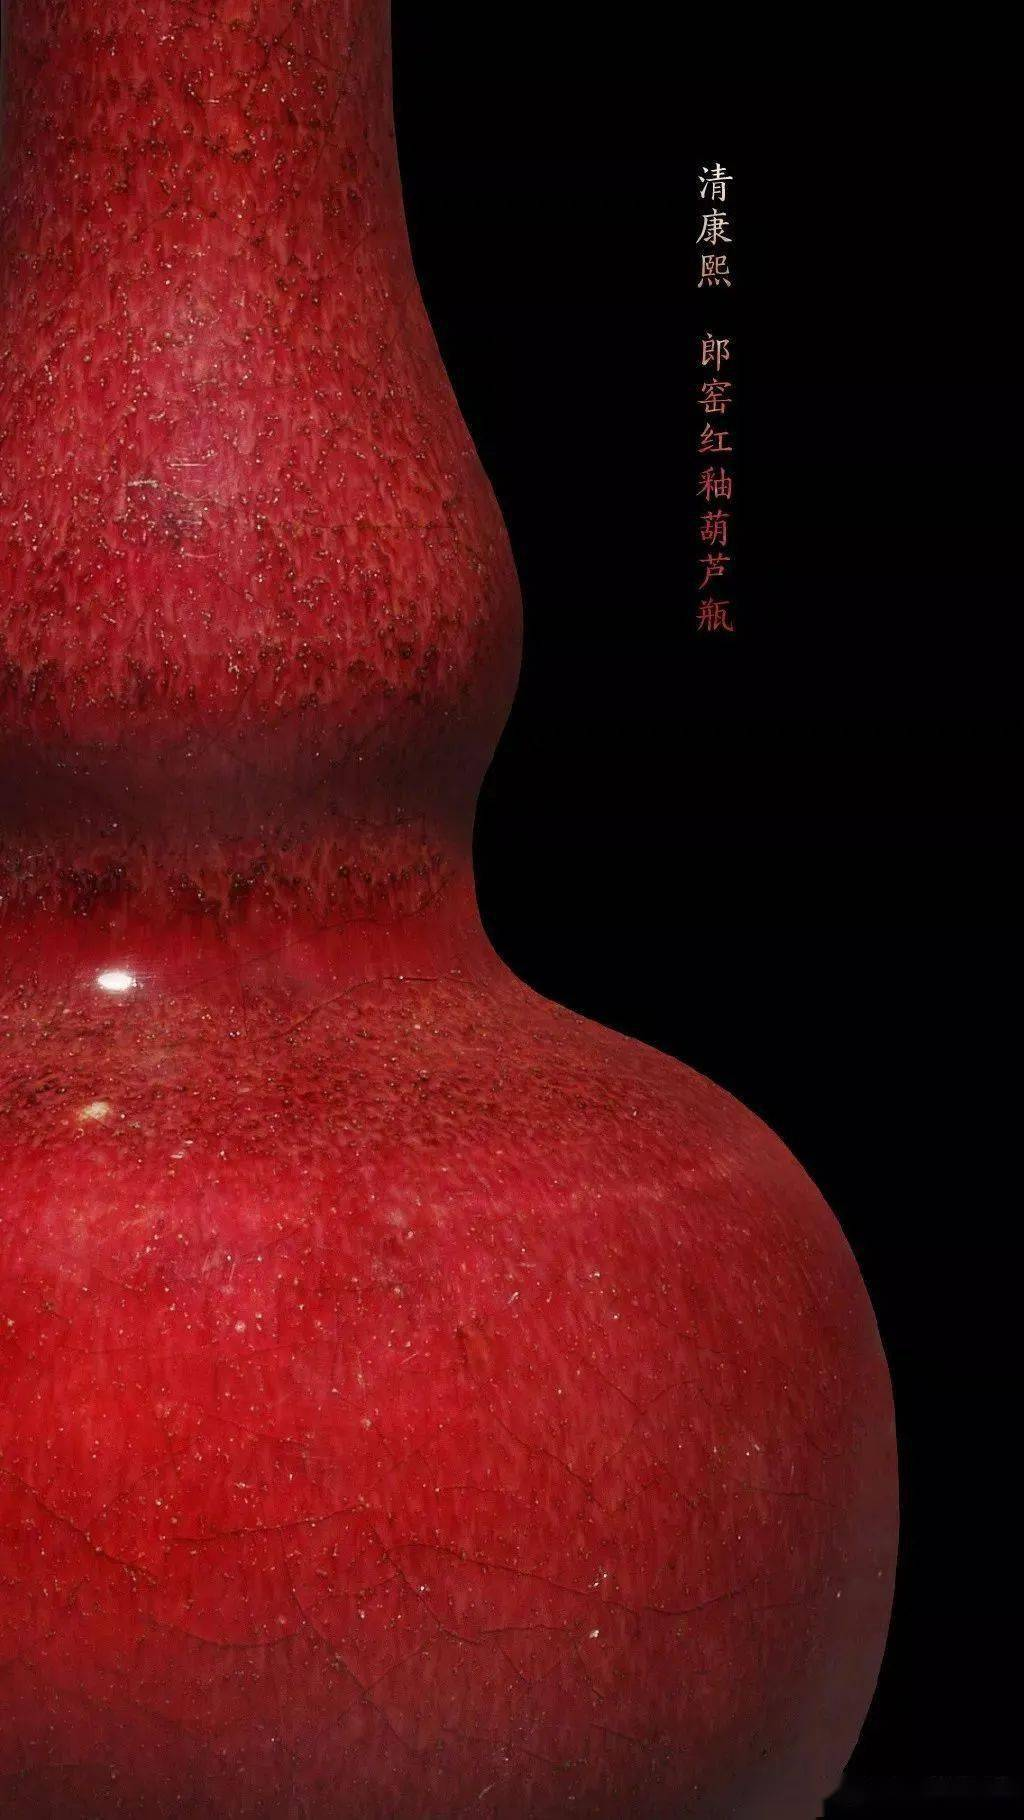 世间最美的颜色在故宫,属于中国人的故宫色,美到看一眼就忘不了!